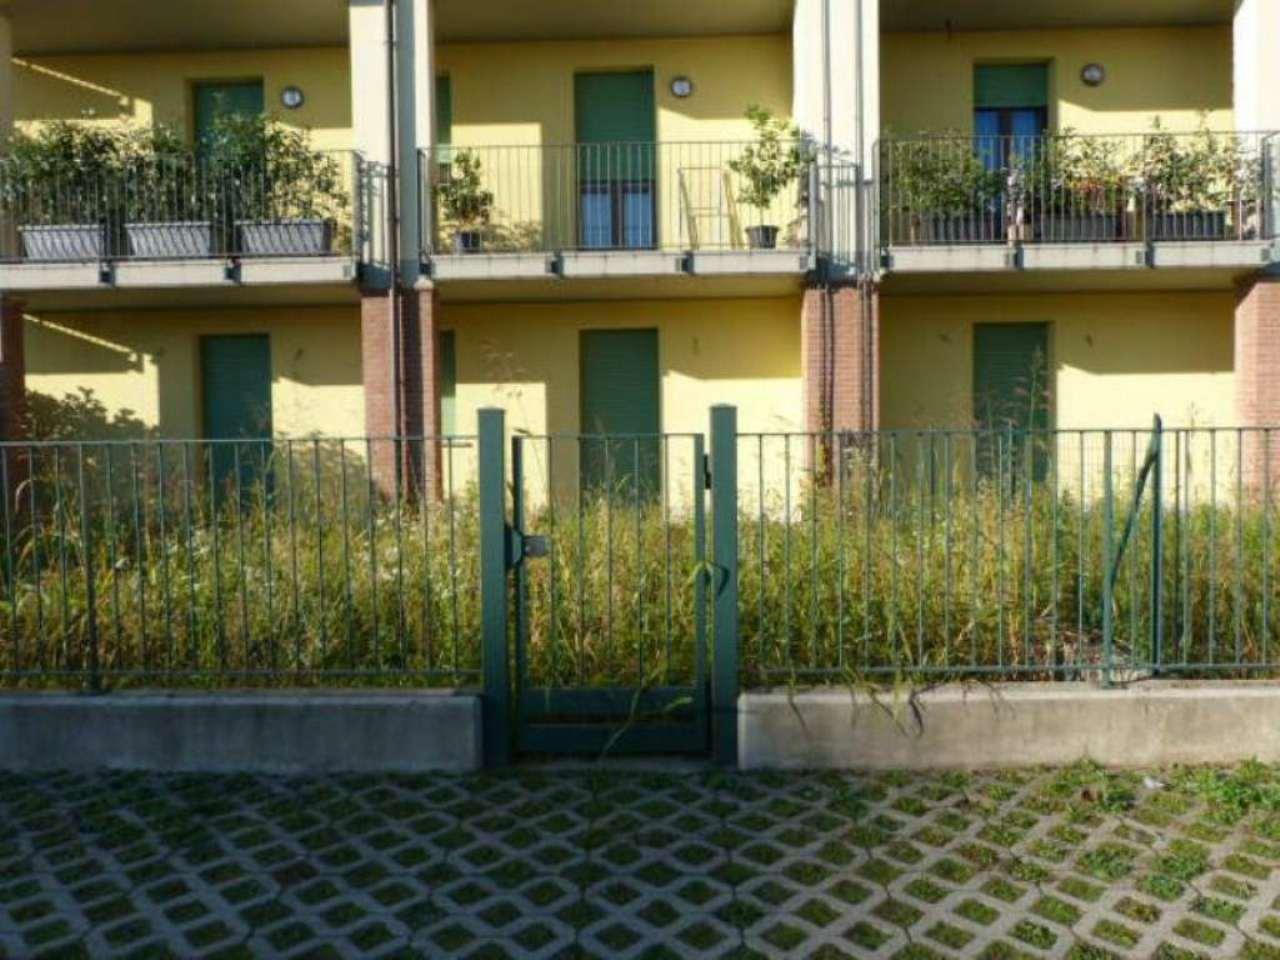 Appartamento in vendita a Busto Arsizio, 3 locali, prezzo € 141.000 | CambioCasa.it